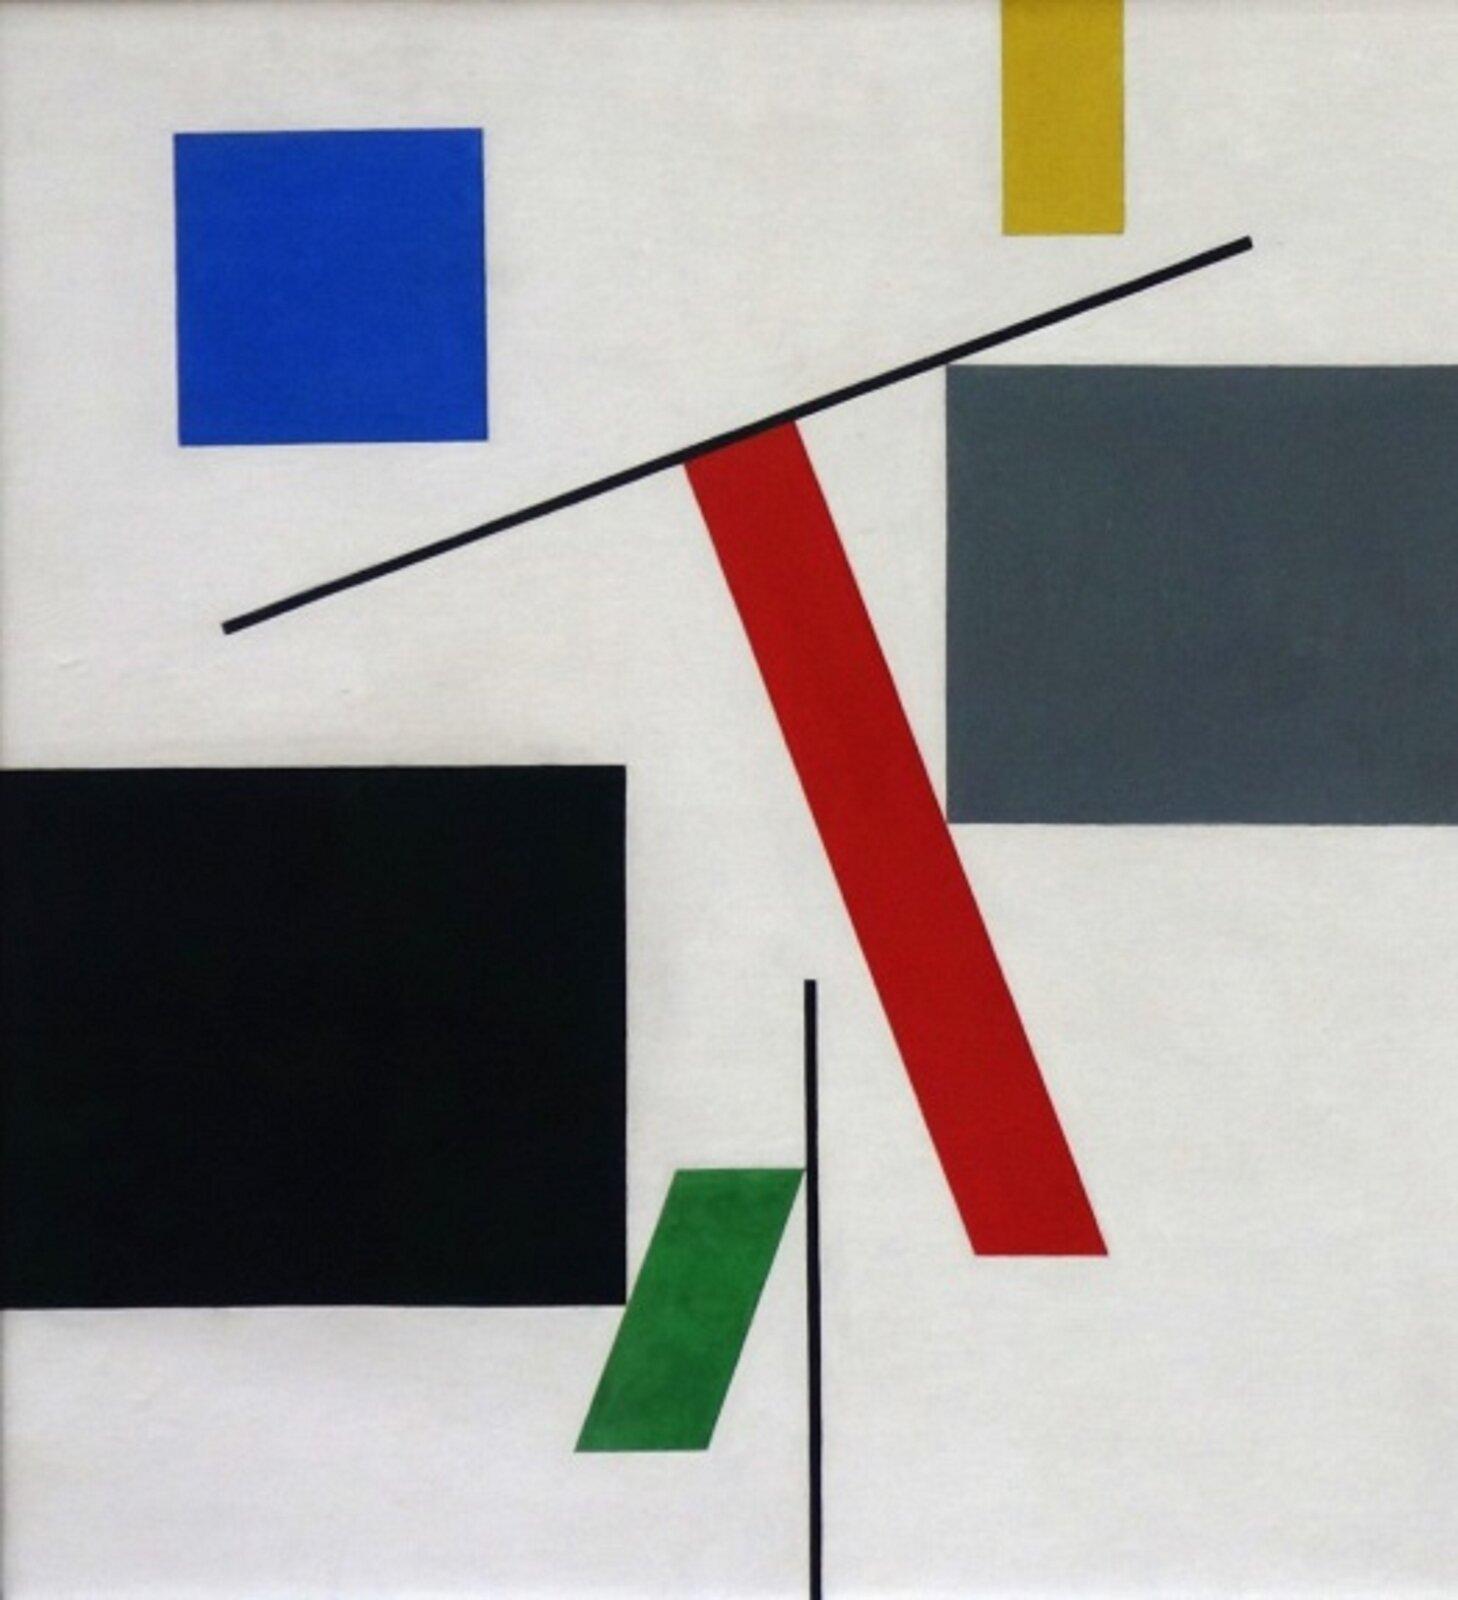 """Ilustracja przedstawia pracę Sophie Taeuber-Arp """"Równowaga"""". Ukazuje sześć czworokątów idwie czarne linie na białym tle. Po lewej znajdują się: niebieski kwadrat ugóry iwiększy, czarny prostokąt na dole. Po prawej zaś żółty, mały prostokąt na górze, aponiżej szary kwadrat. Pośrodku, pomiędzy figurami, zamieszczone zostały dwa ukośne romby: dłuższy, czerwony wyżej idolny, zielony ikrótszy pod nim. Do każdego znich przylega czarna linia."""